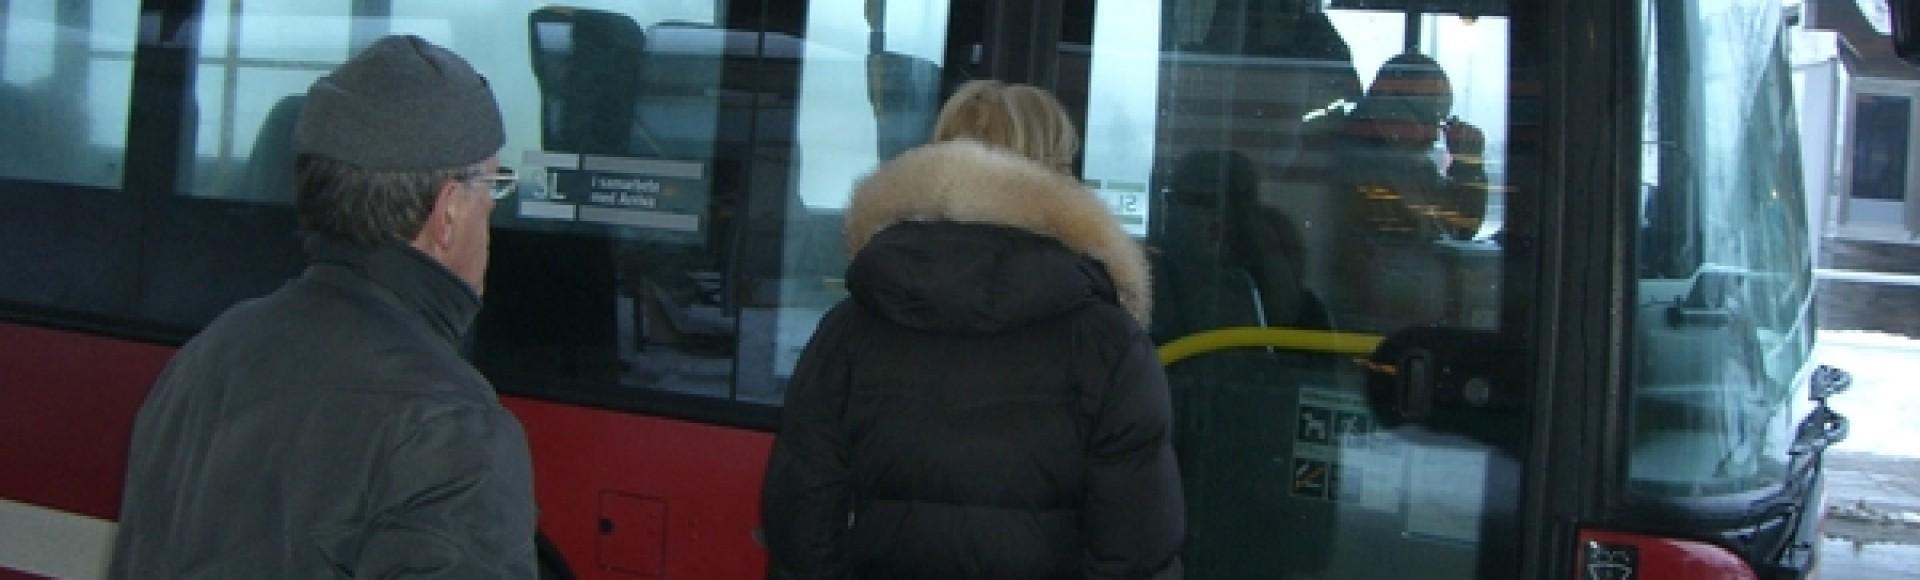 Il modo più economico per viaggiare tra l'aeroporto di Arlanda e Stoccolma